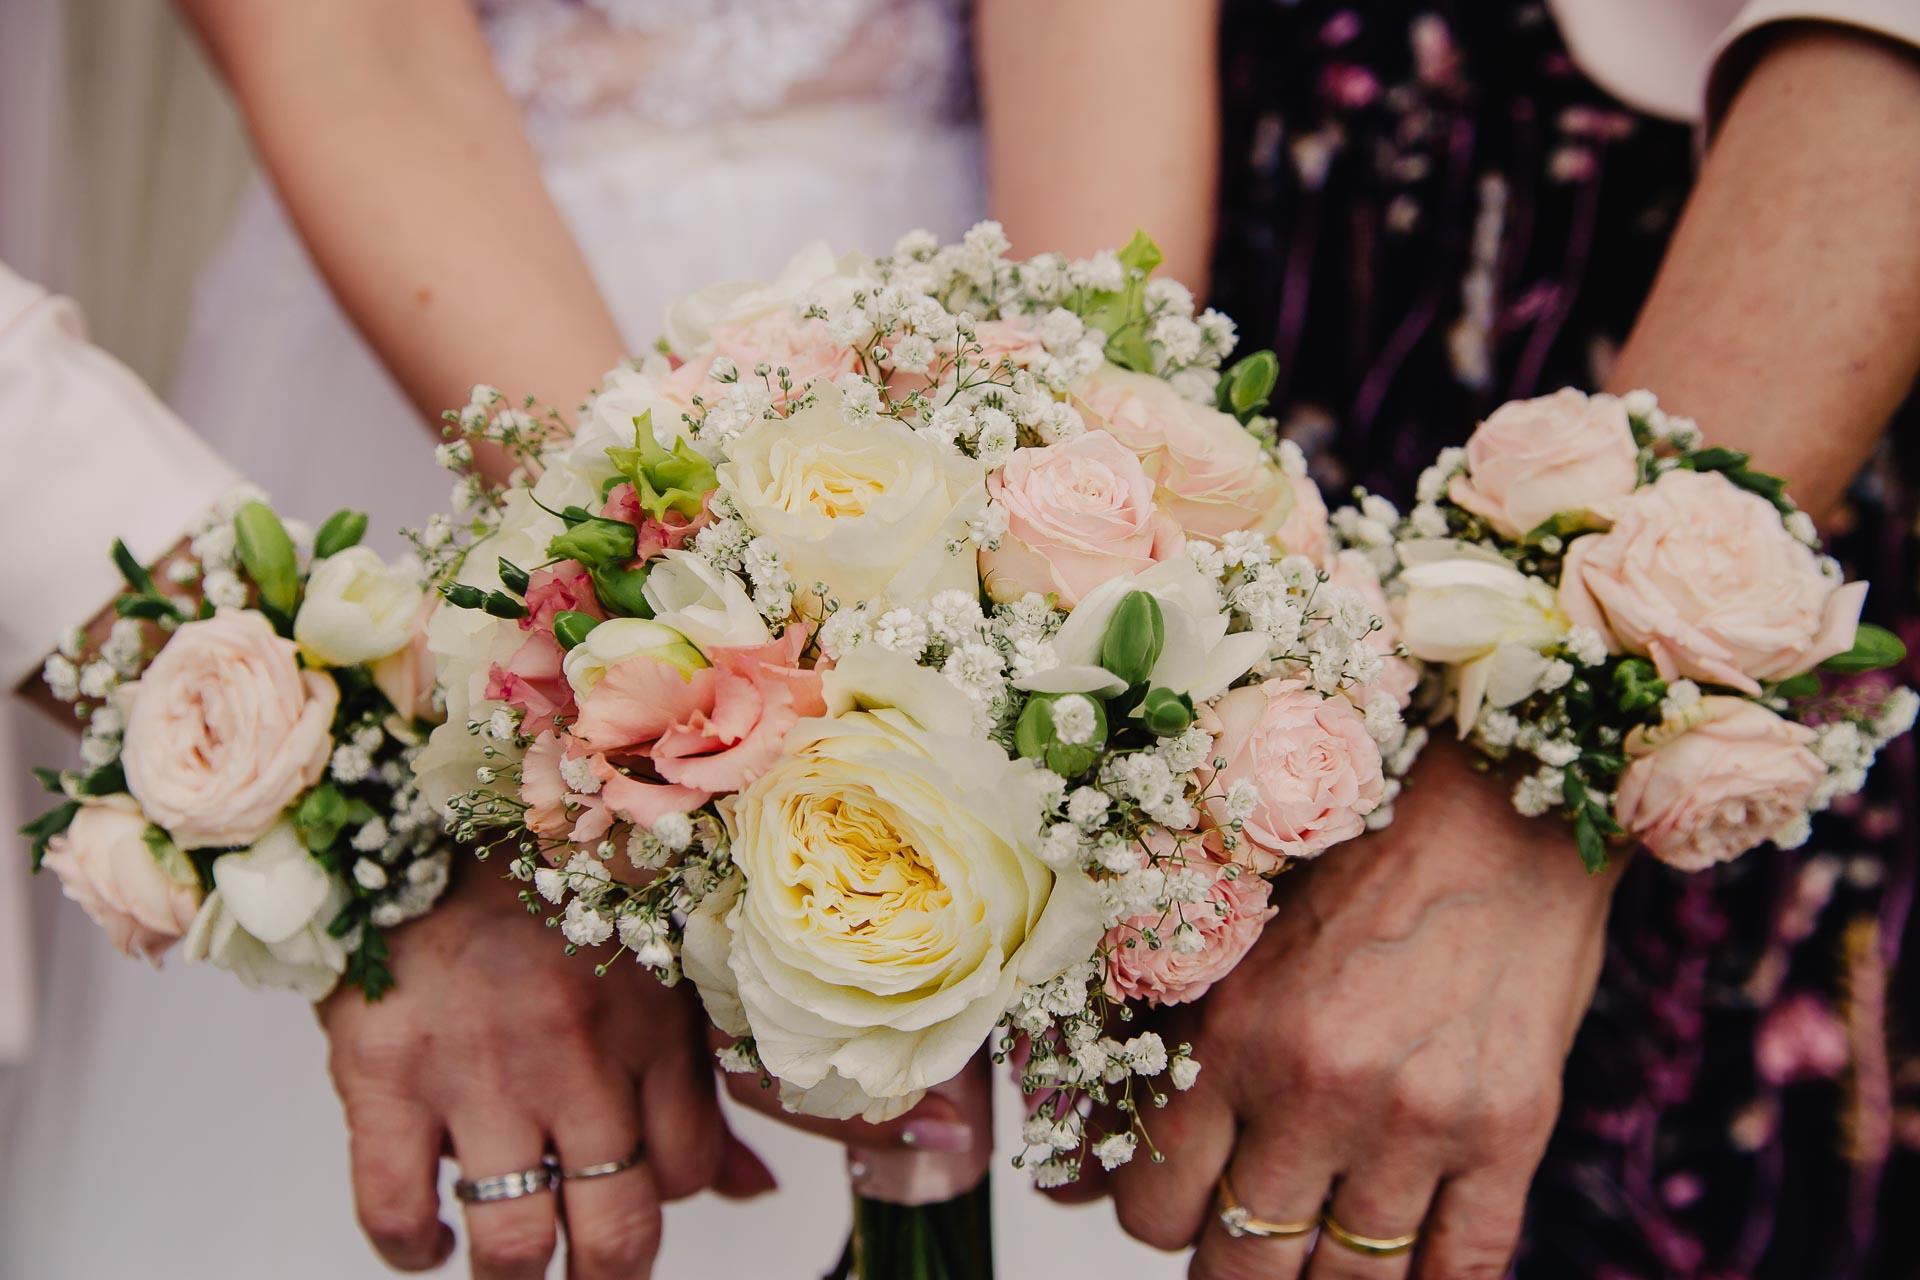 svatební fotograf Praha,svatba střední čechy, církevní obřad, svatba v kostele, nejhezčí svatební fotografie-2783